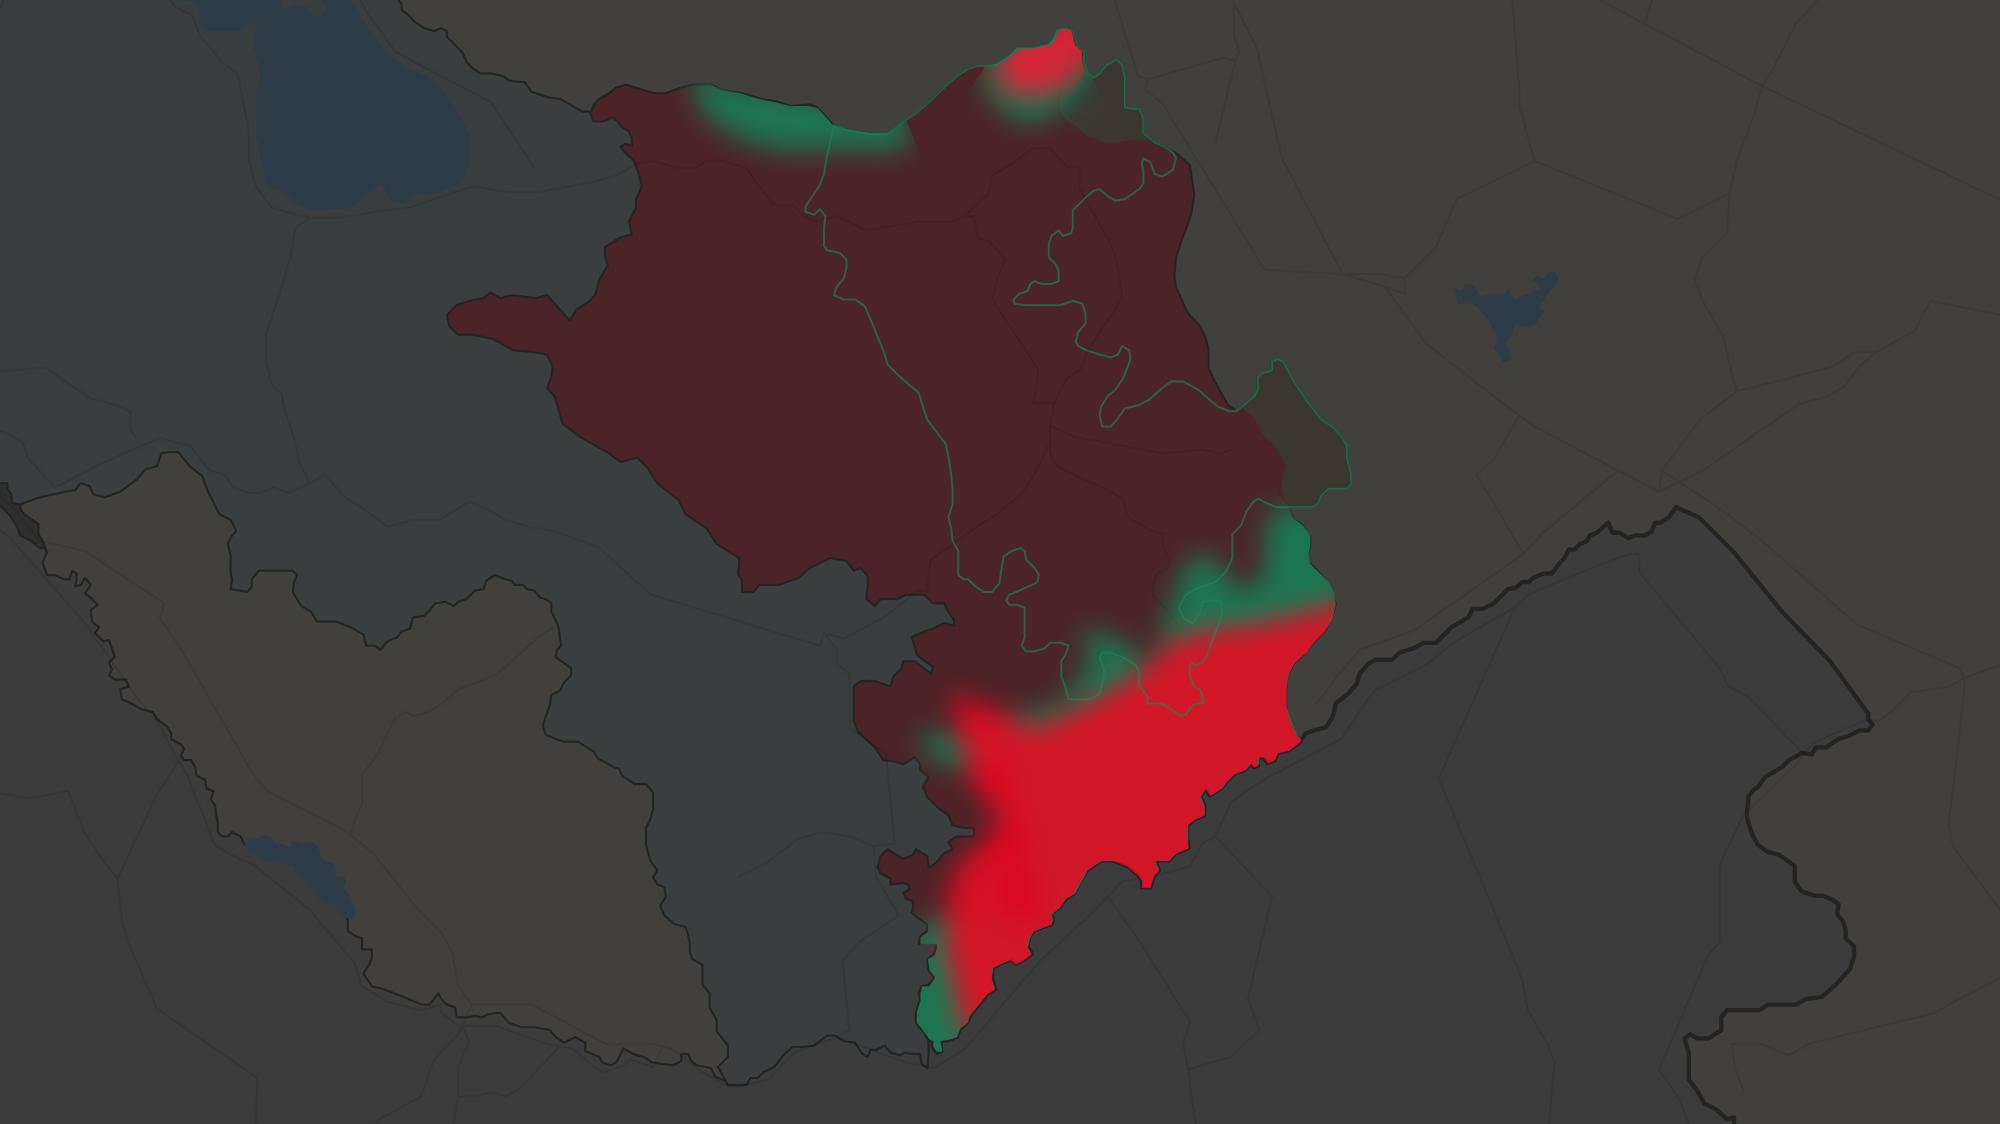 Конфликт в Нагорном Карабахе: какие районы занял Азербайджан